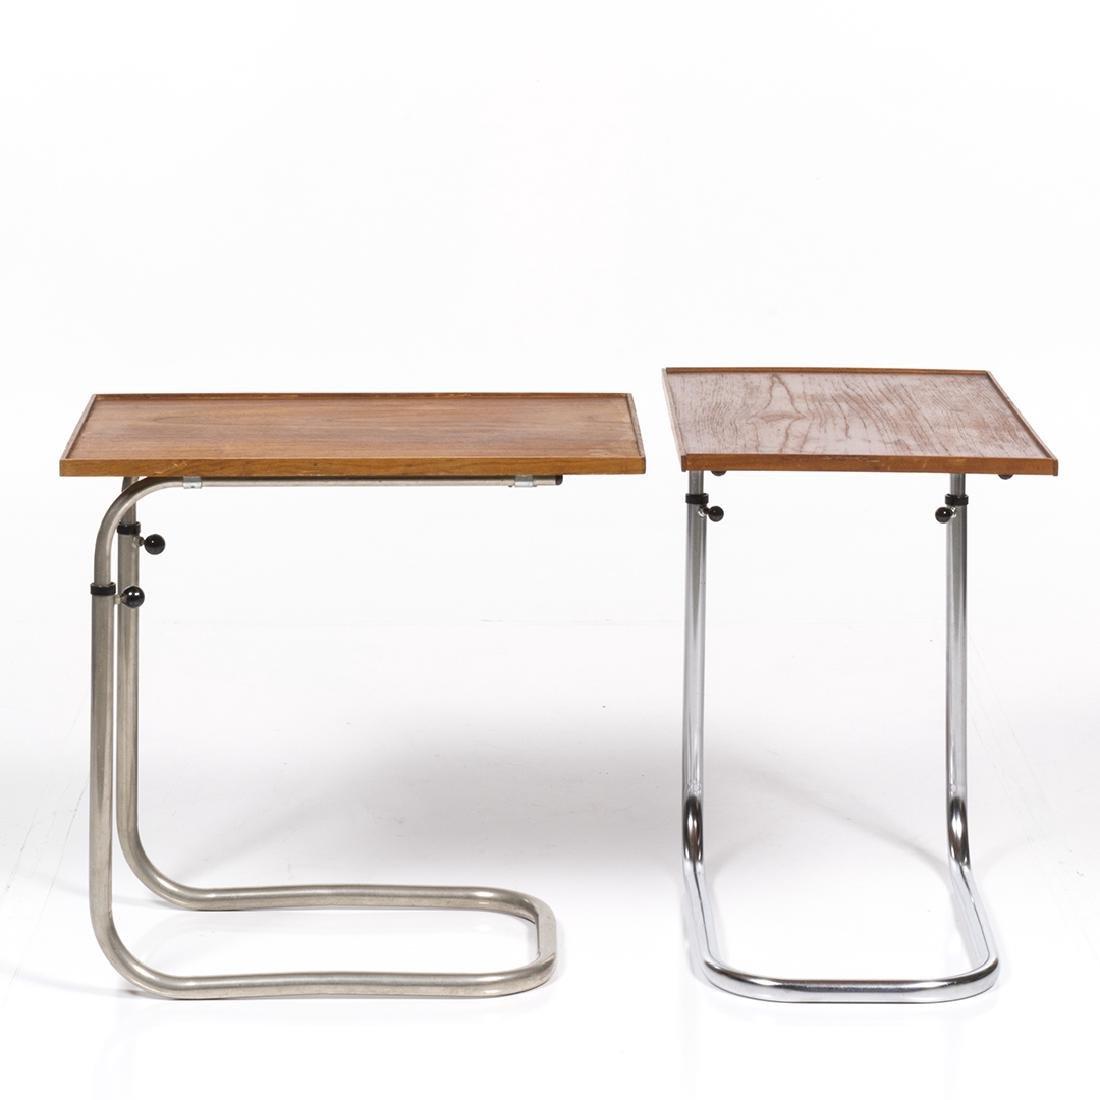 Adjustable Teak Tray Tables (2) - 3